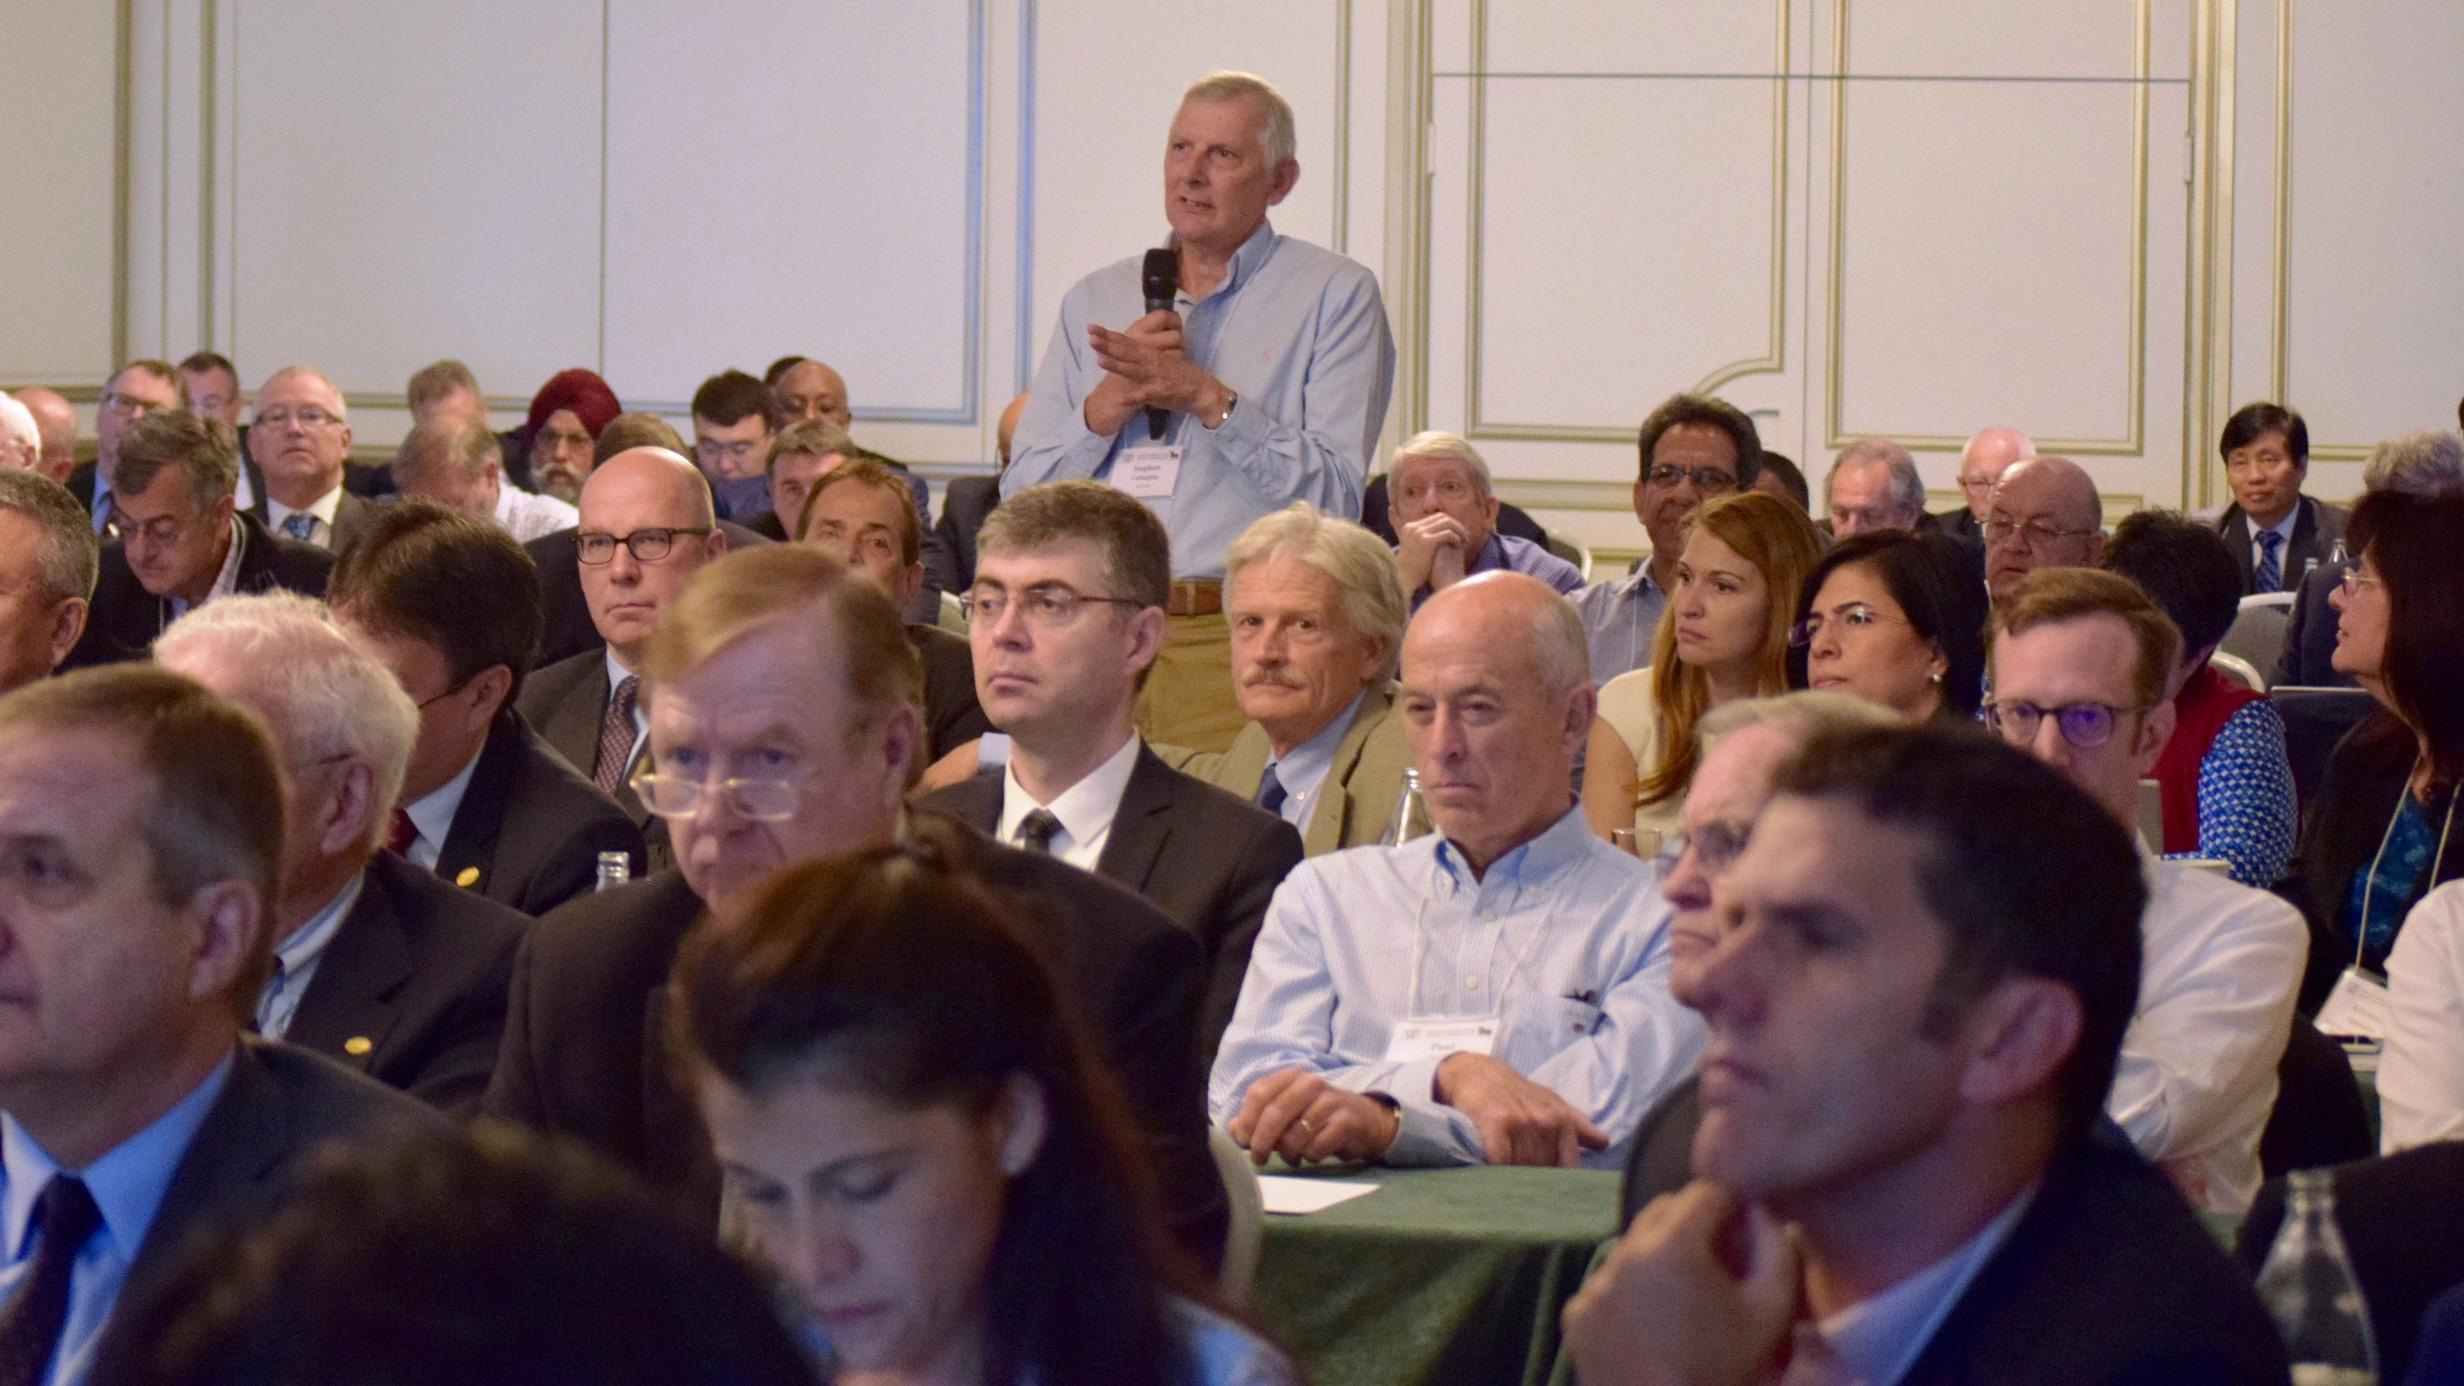 MadridConferenceMIDSHOT